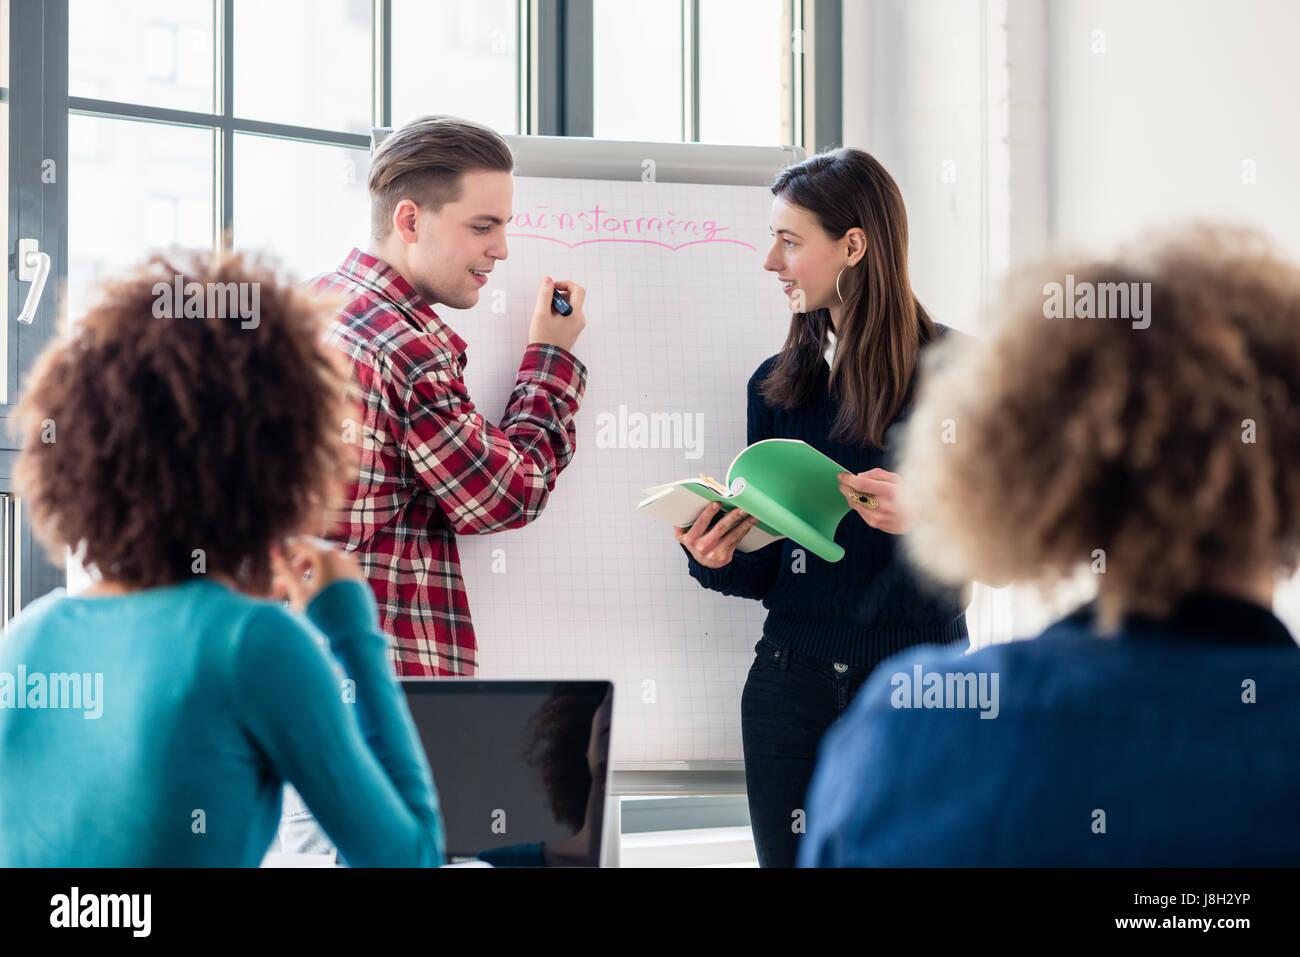 Studenten, Austausch von Ideen und Meinungen beim Brainstorming während einer Stockbild